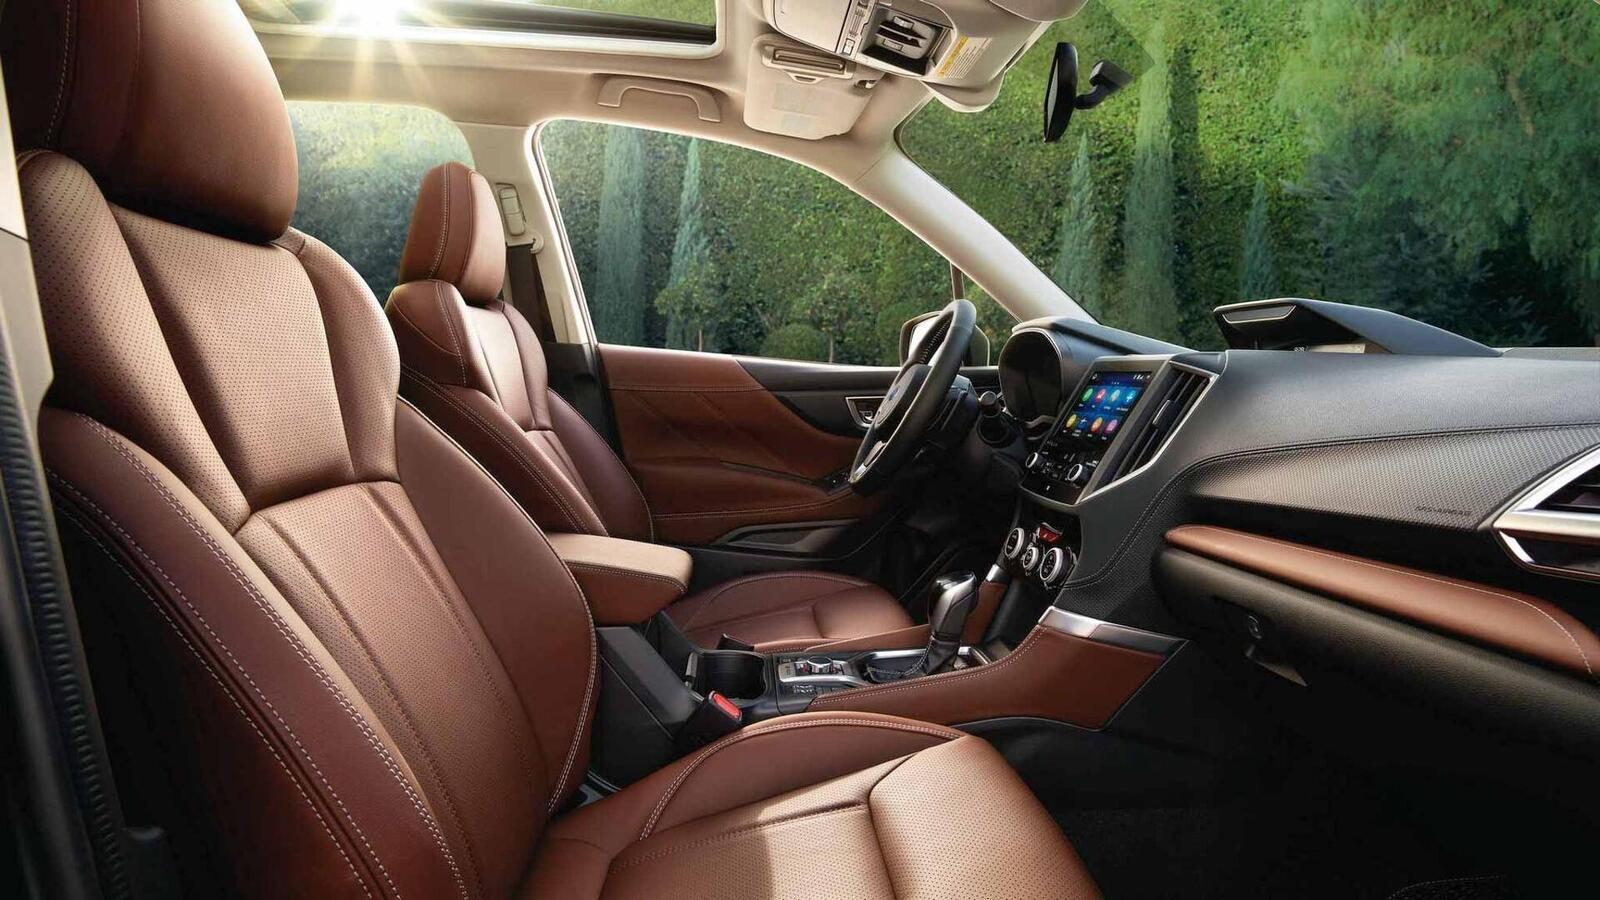 Subaru Forester 2019: Thay đổi nội ngoại thất, động cơ mạnh hơn, thêm nhiều phiên bản - Hình 14